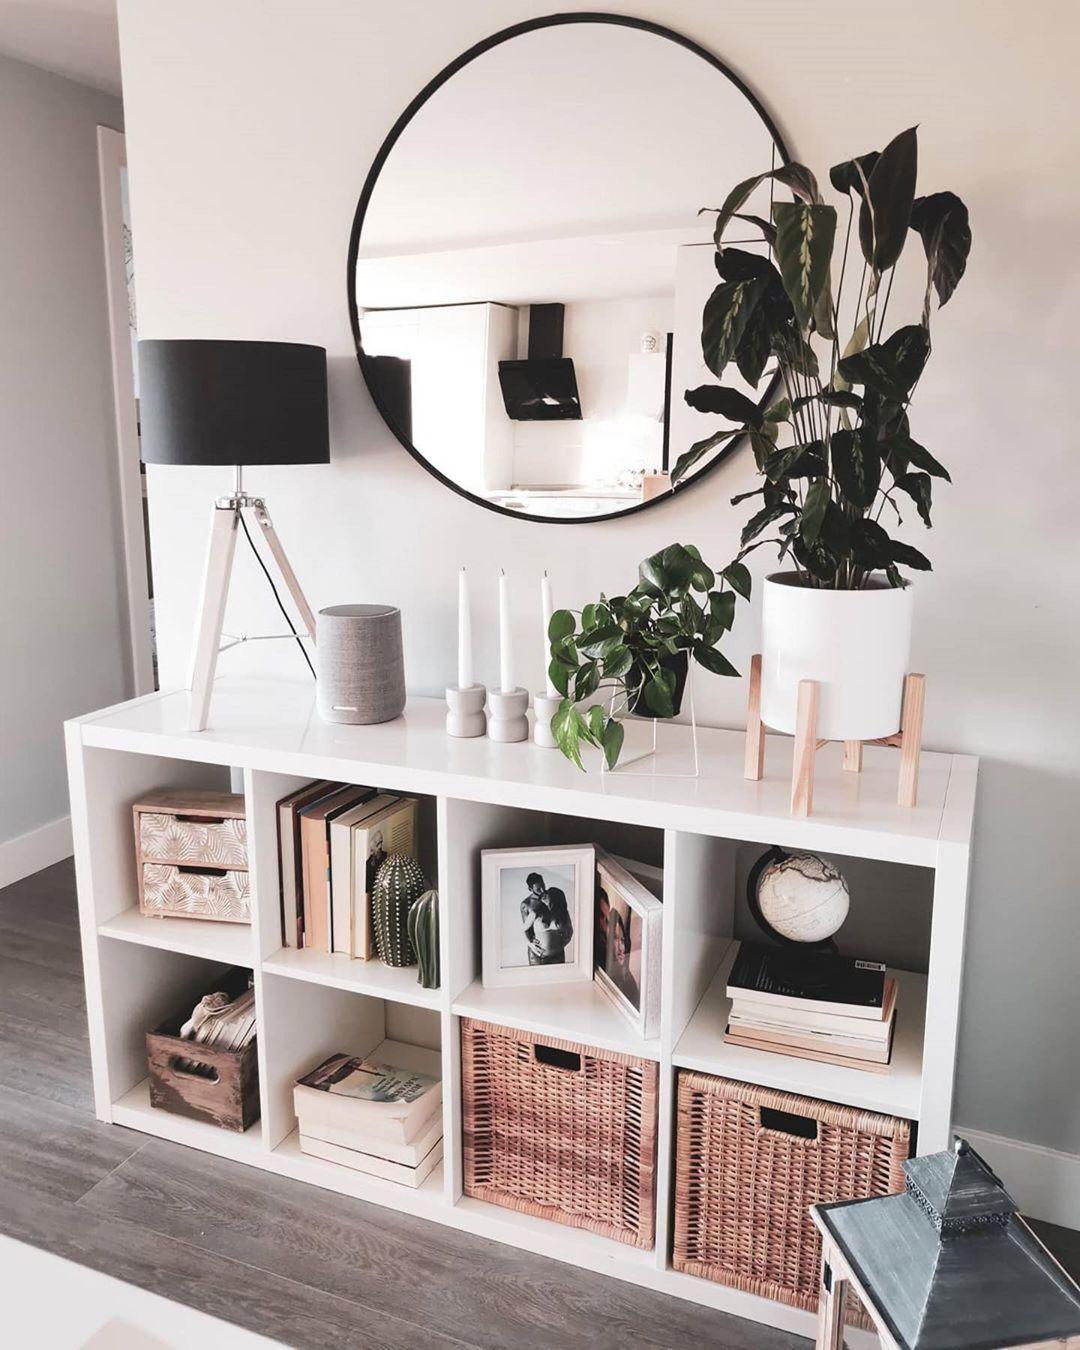 Γιατί είναι σημαντικό να κάνουμε declutter στο σπίτι μας